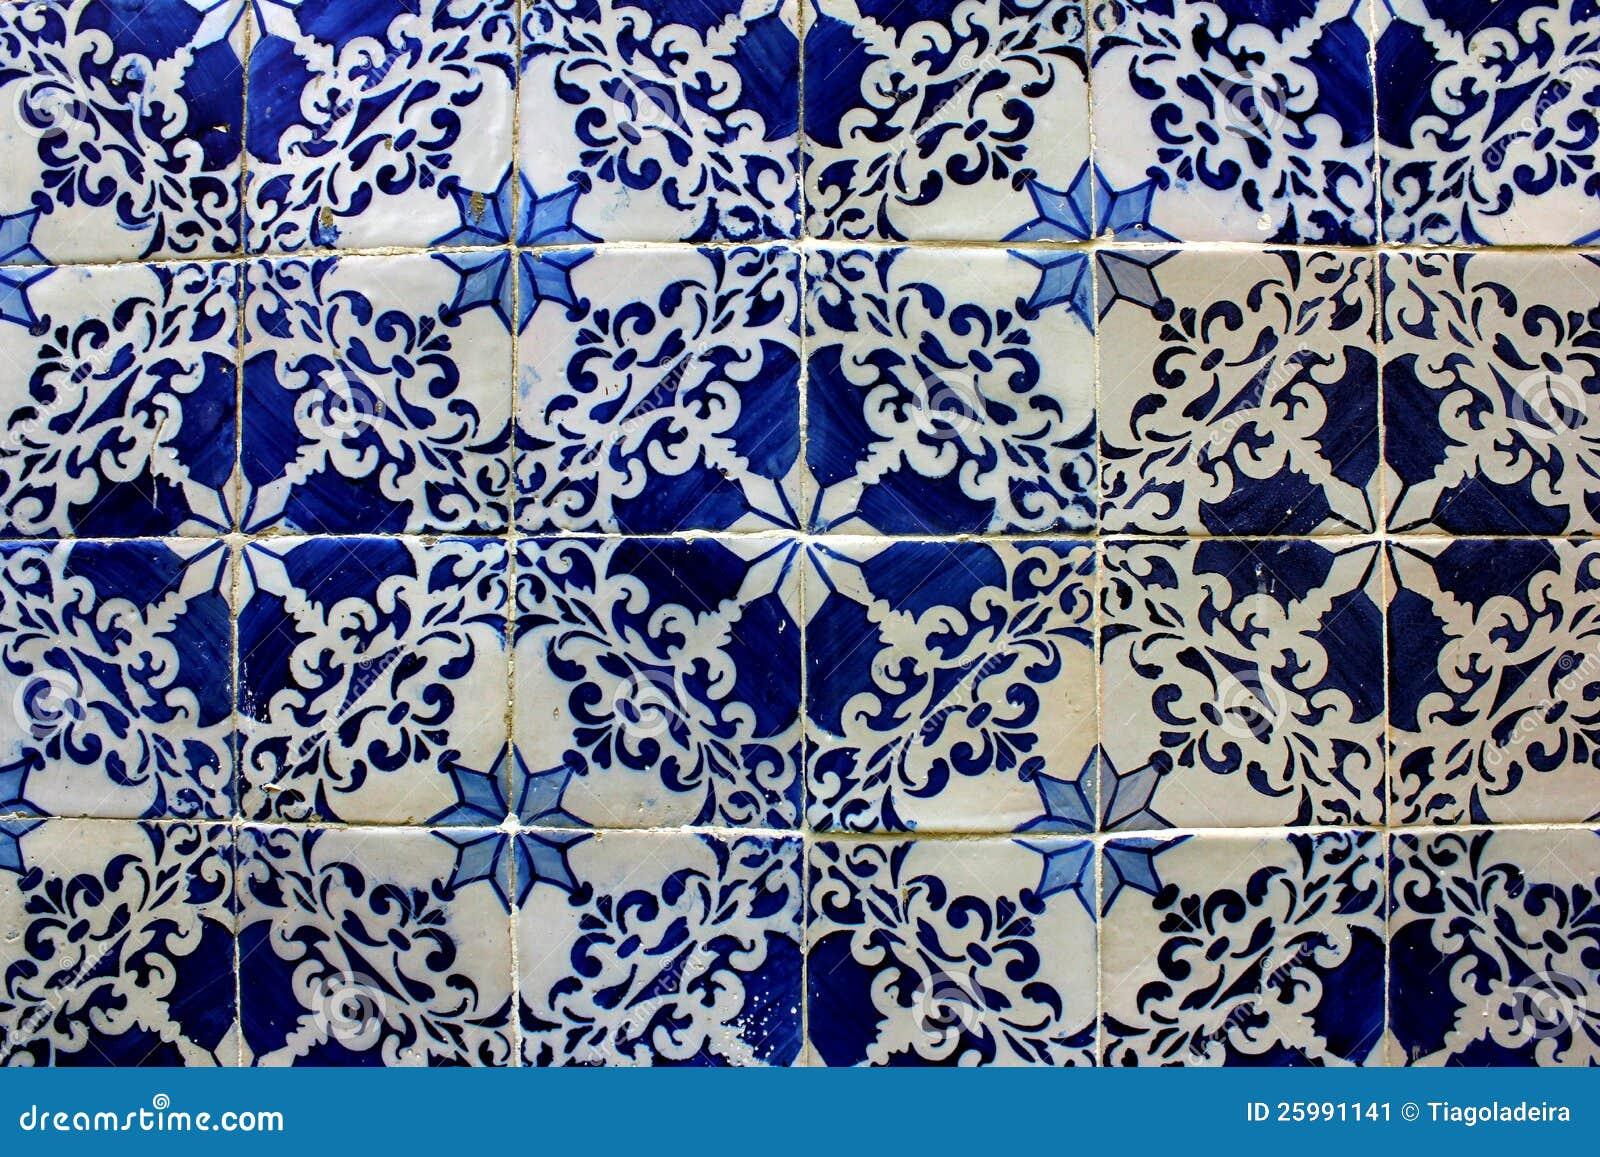 Square Ceramic Tiles